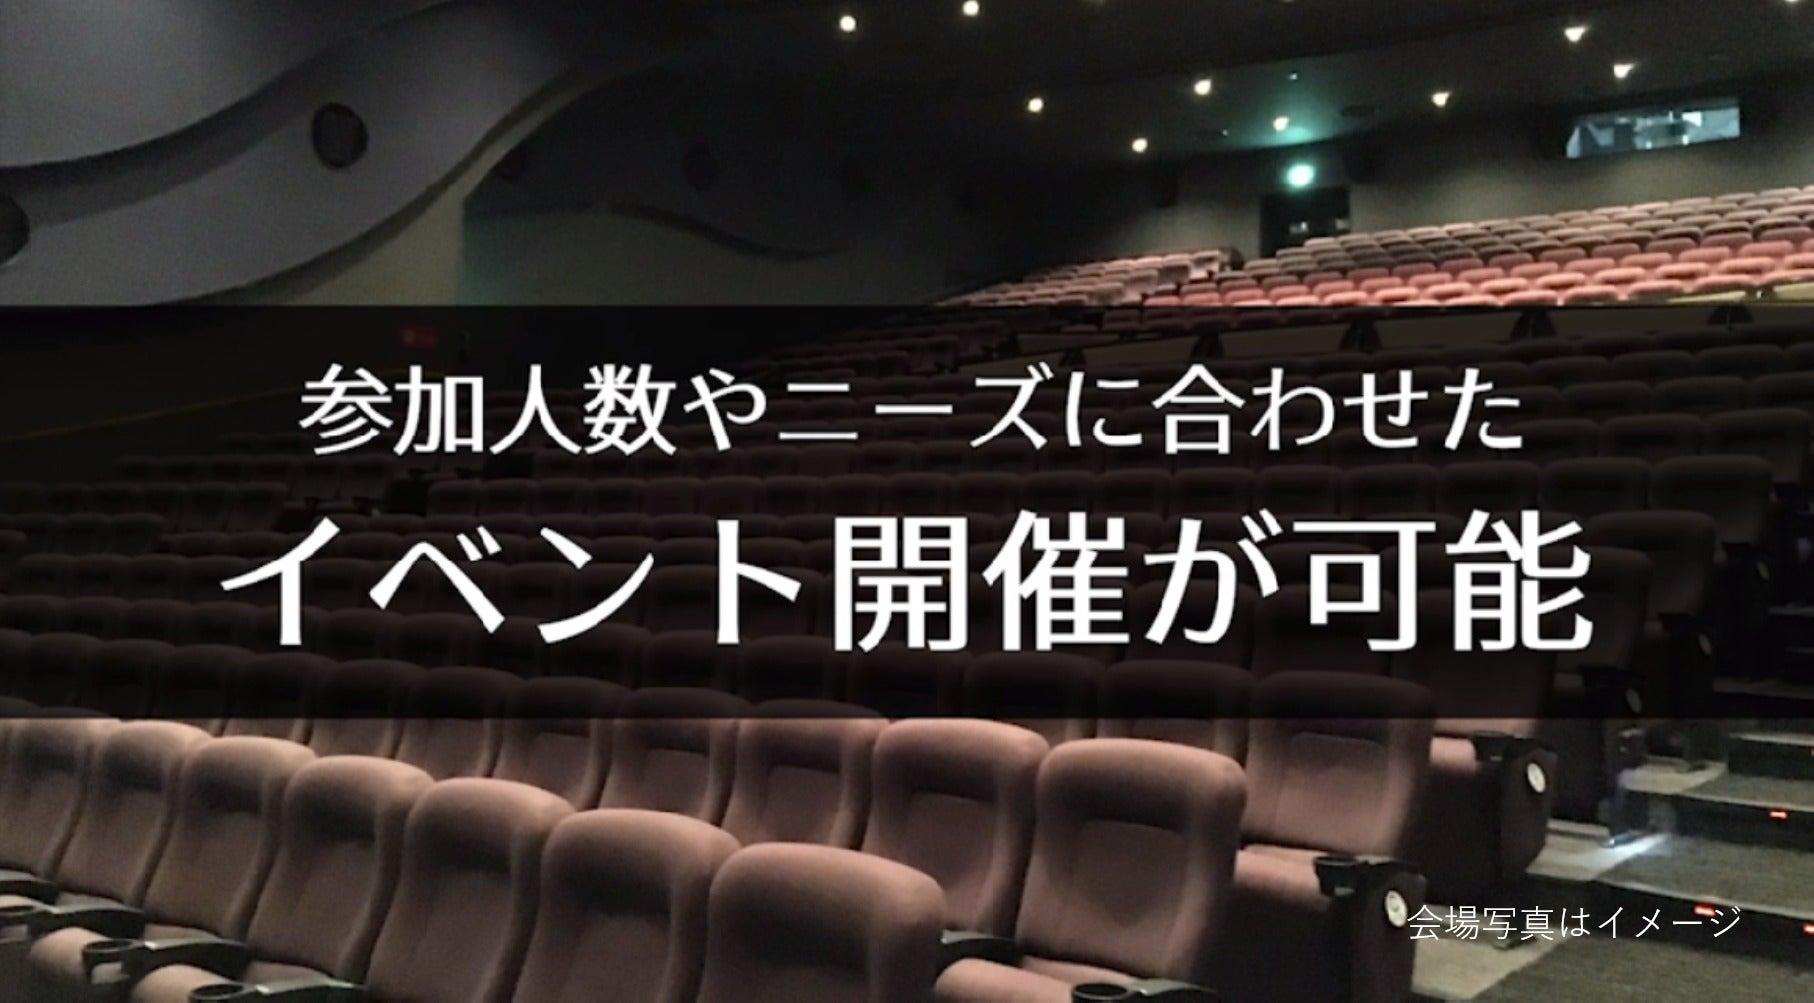 【としまえん 112席】映画館で、会社説明会、株主総会、講演会の企画はいかがですか?(ユナイテッド・シネマとしまえん) の写真0